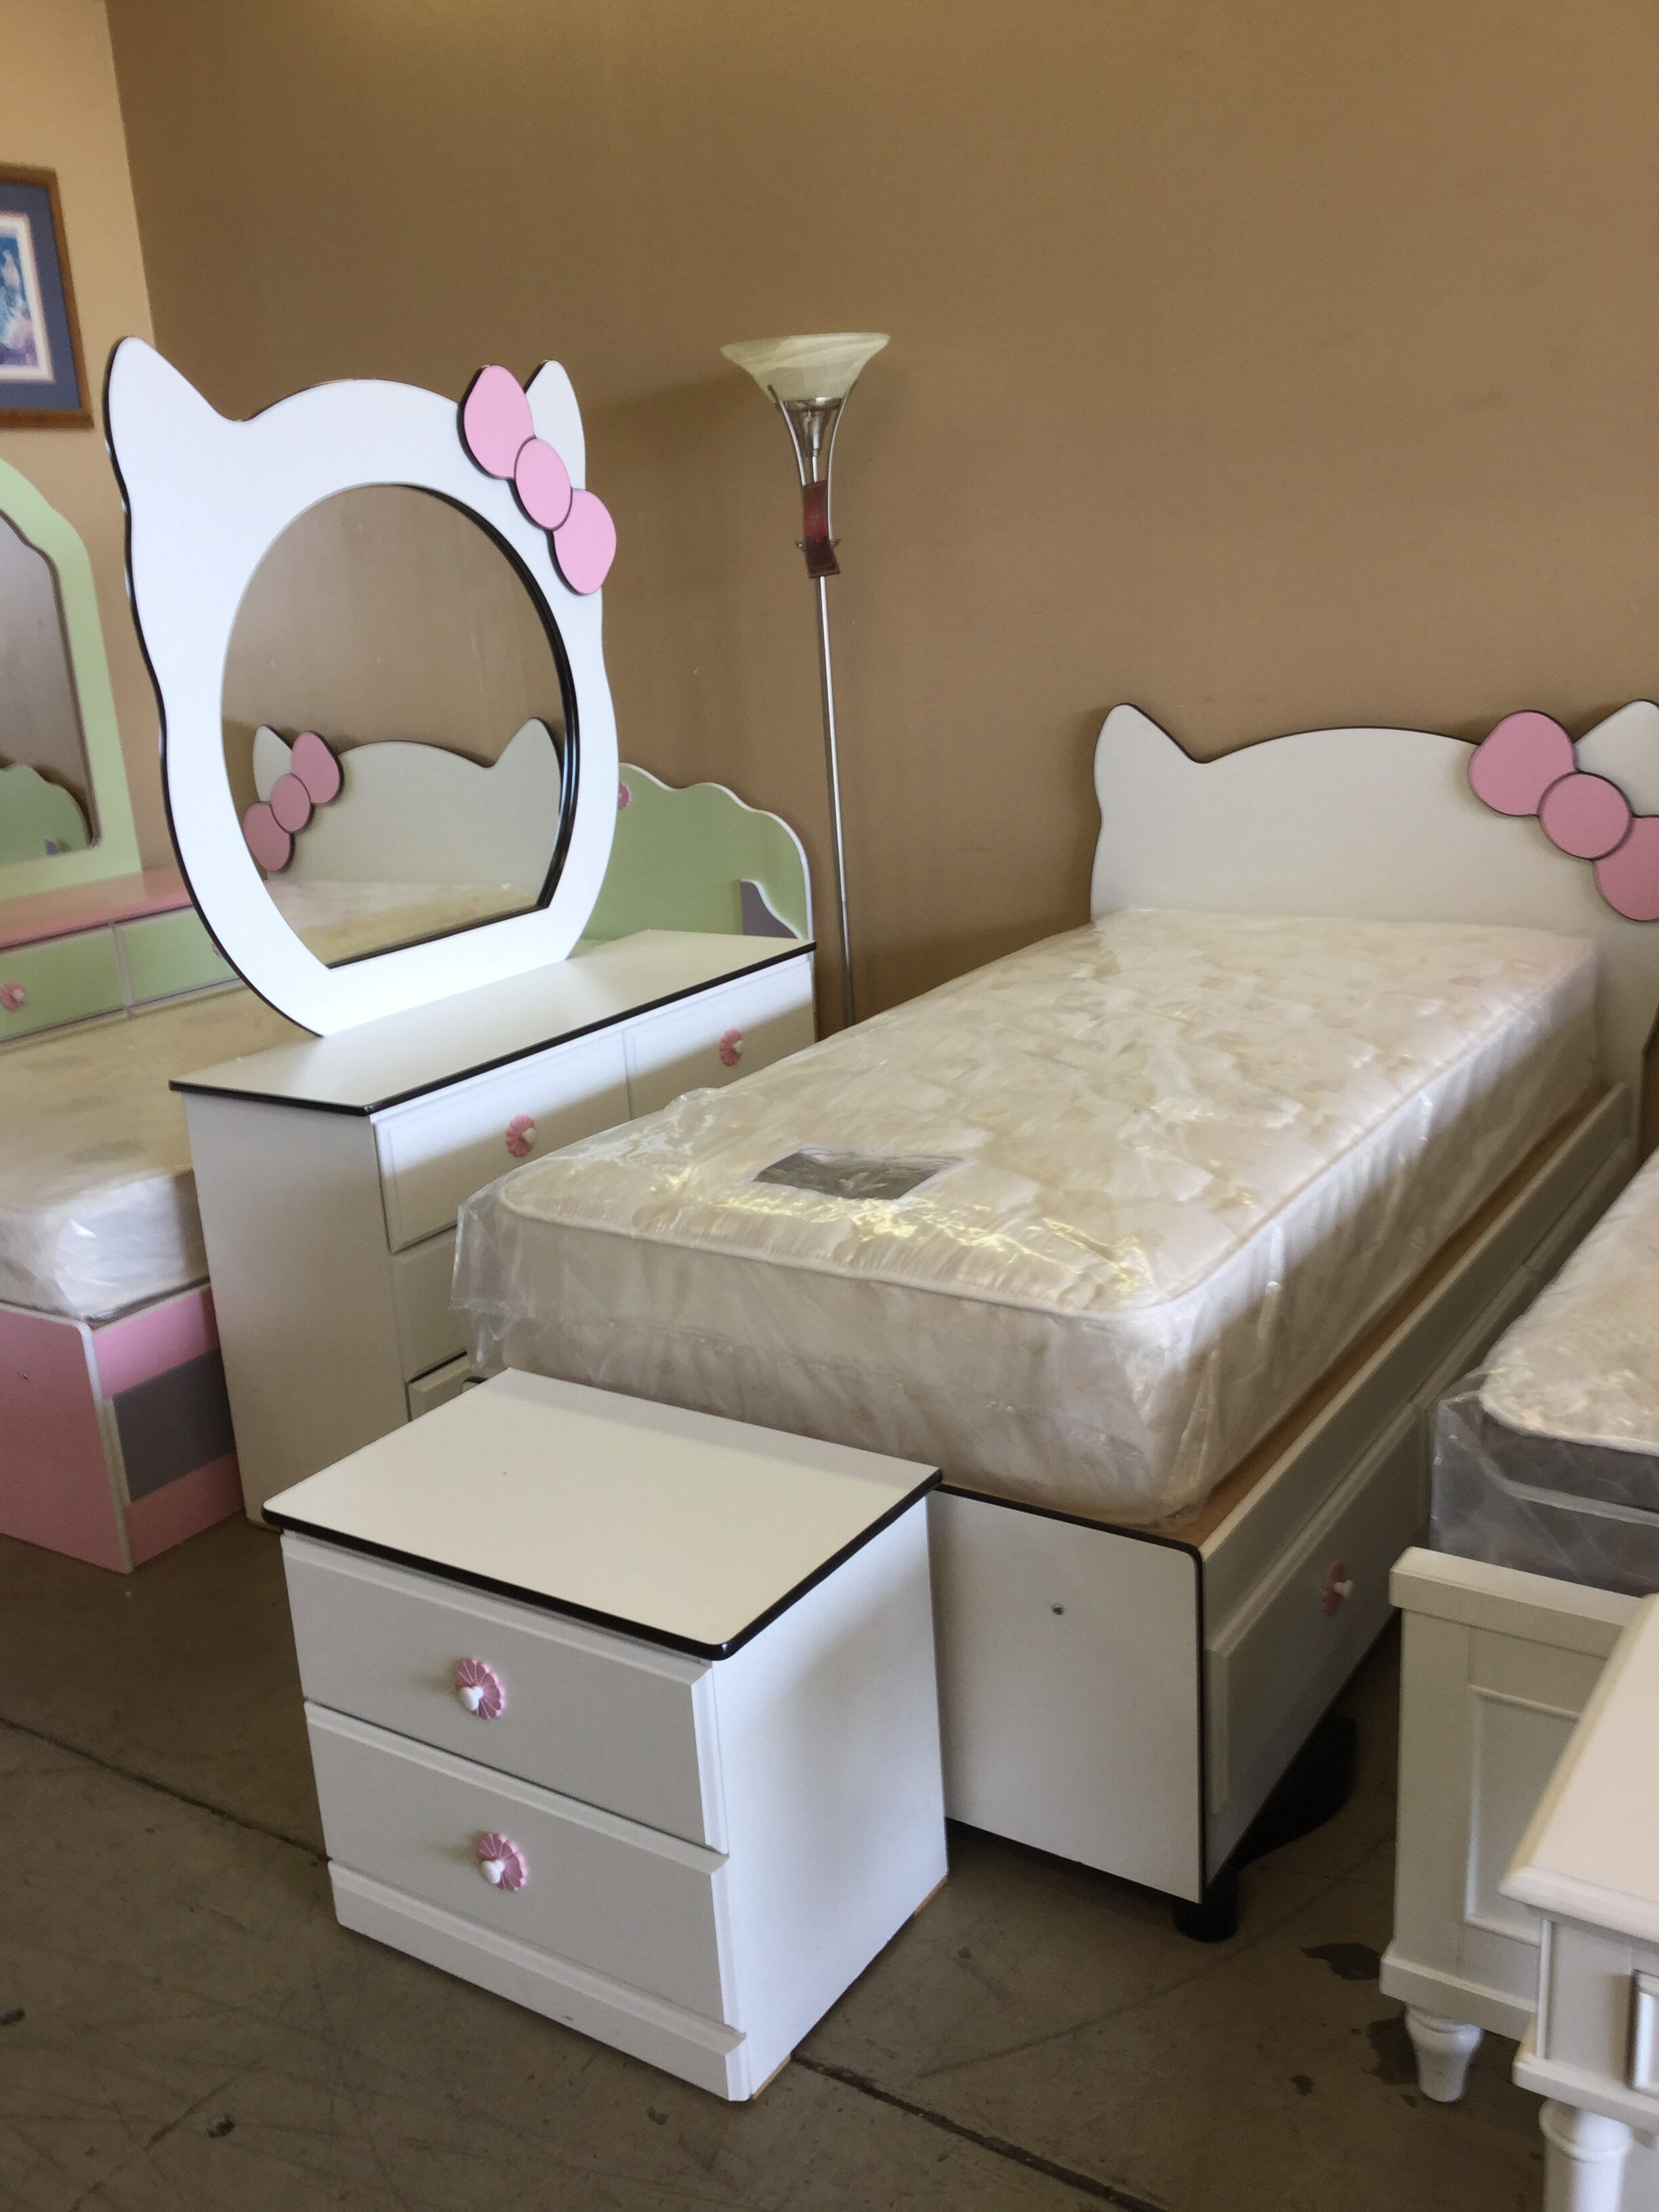 bargain bedroom sets mattresses sacramento stockton ca